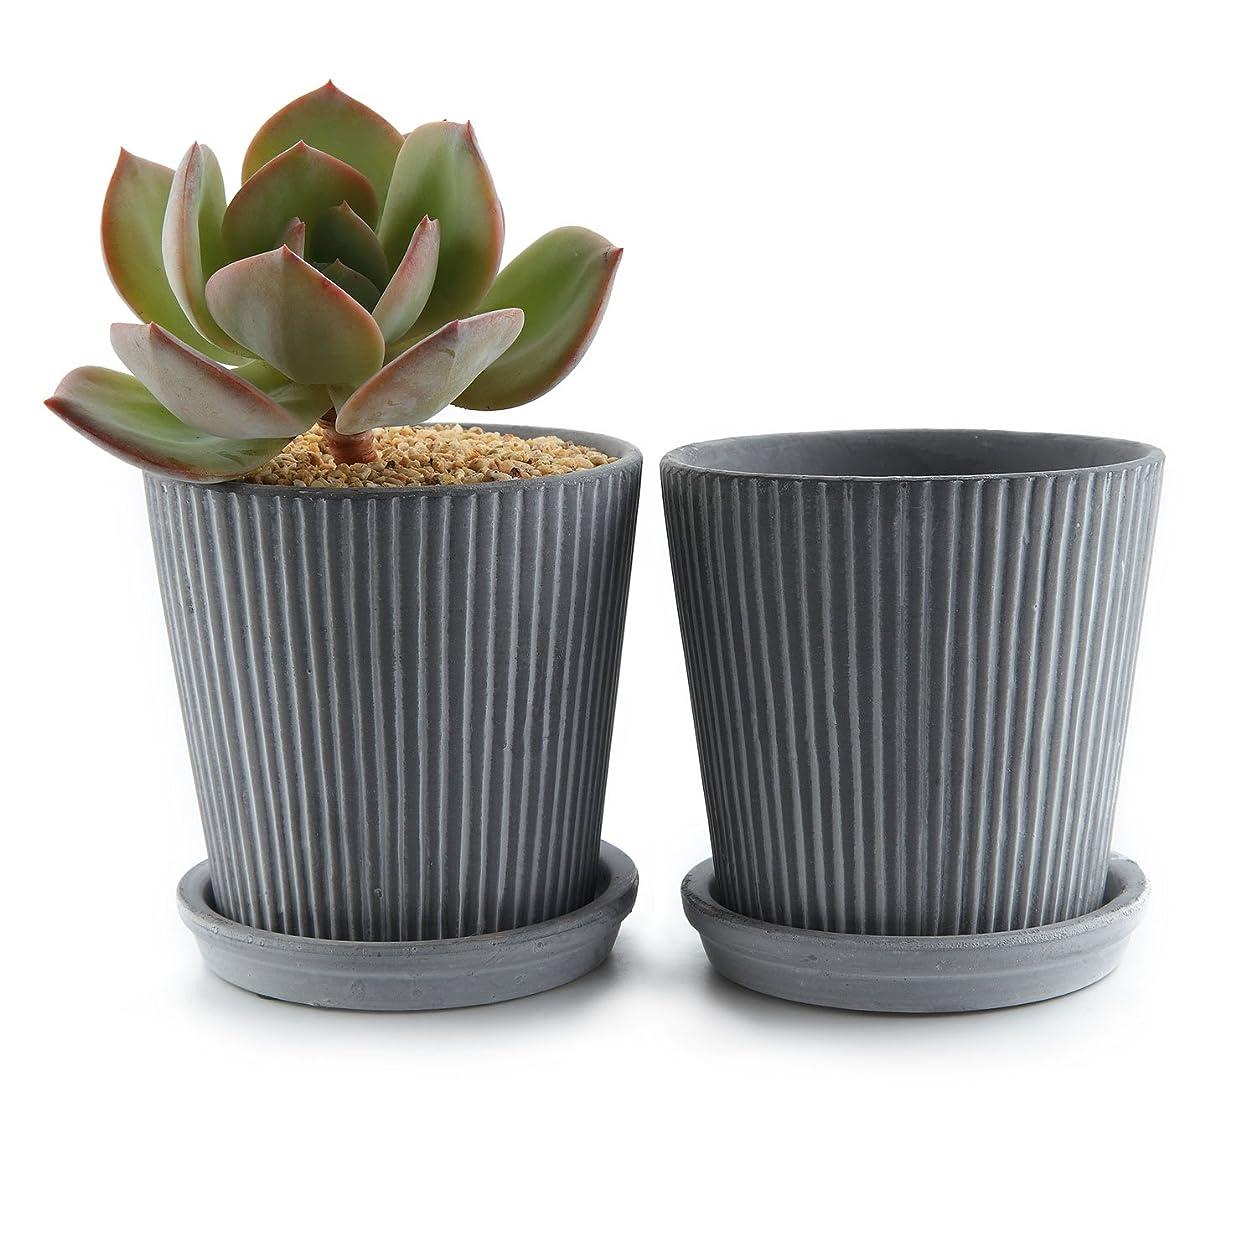 空中市民送るT4U 11CM 陶器鉢 現代風 縦縞 多肉植物、サボテン鉢 ラウンド 小型 グレー トレイ付き 2点入り